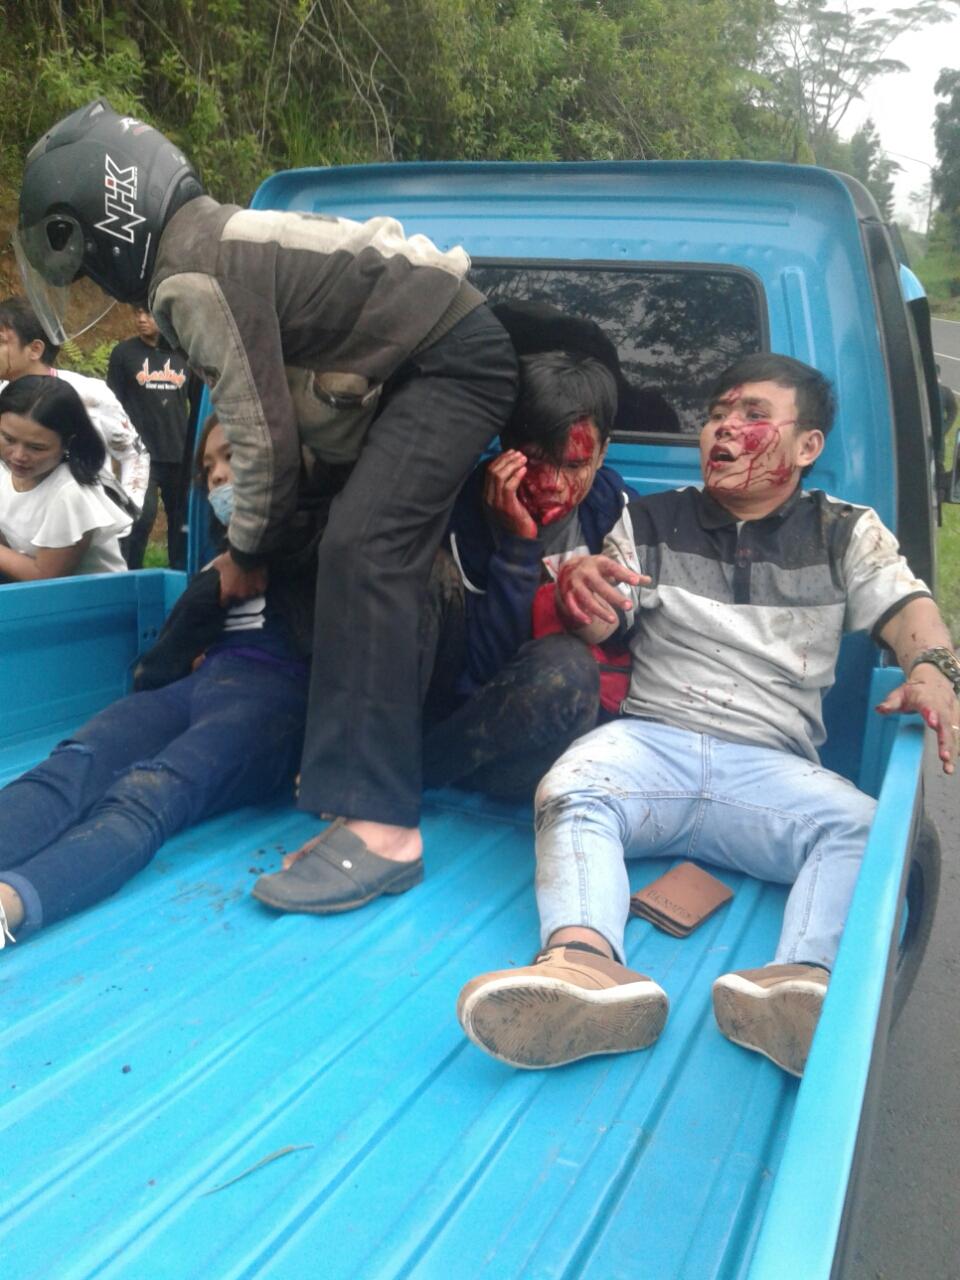 Foto : Para penumpang bus travel yang terluka di evakuasi menuju rumah sakit terdekat dengan Mobil Pick up.